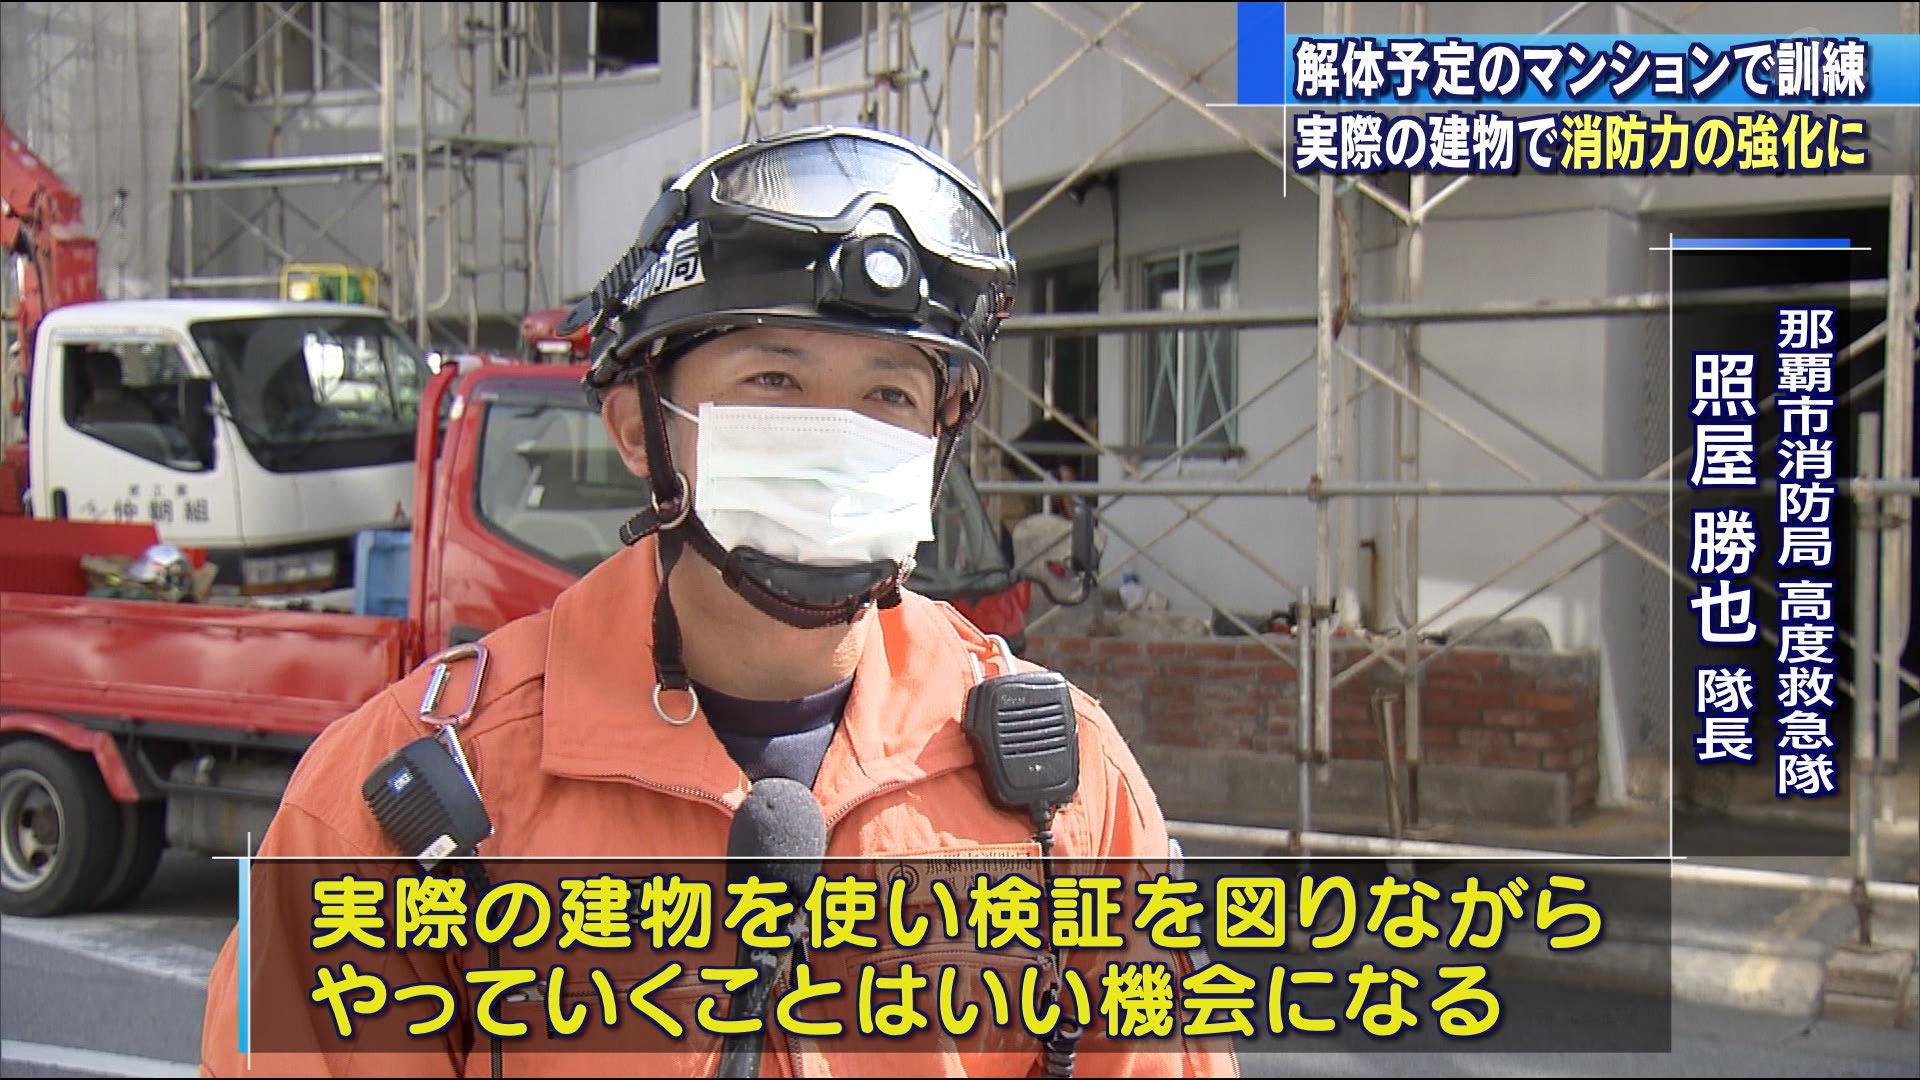 解体予定建物を使用した消防訓練